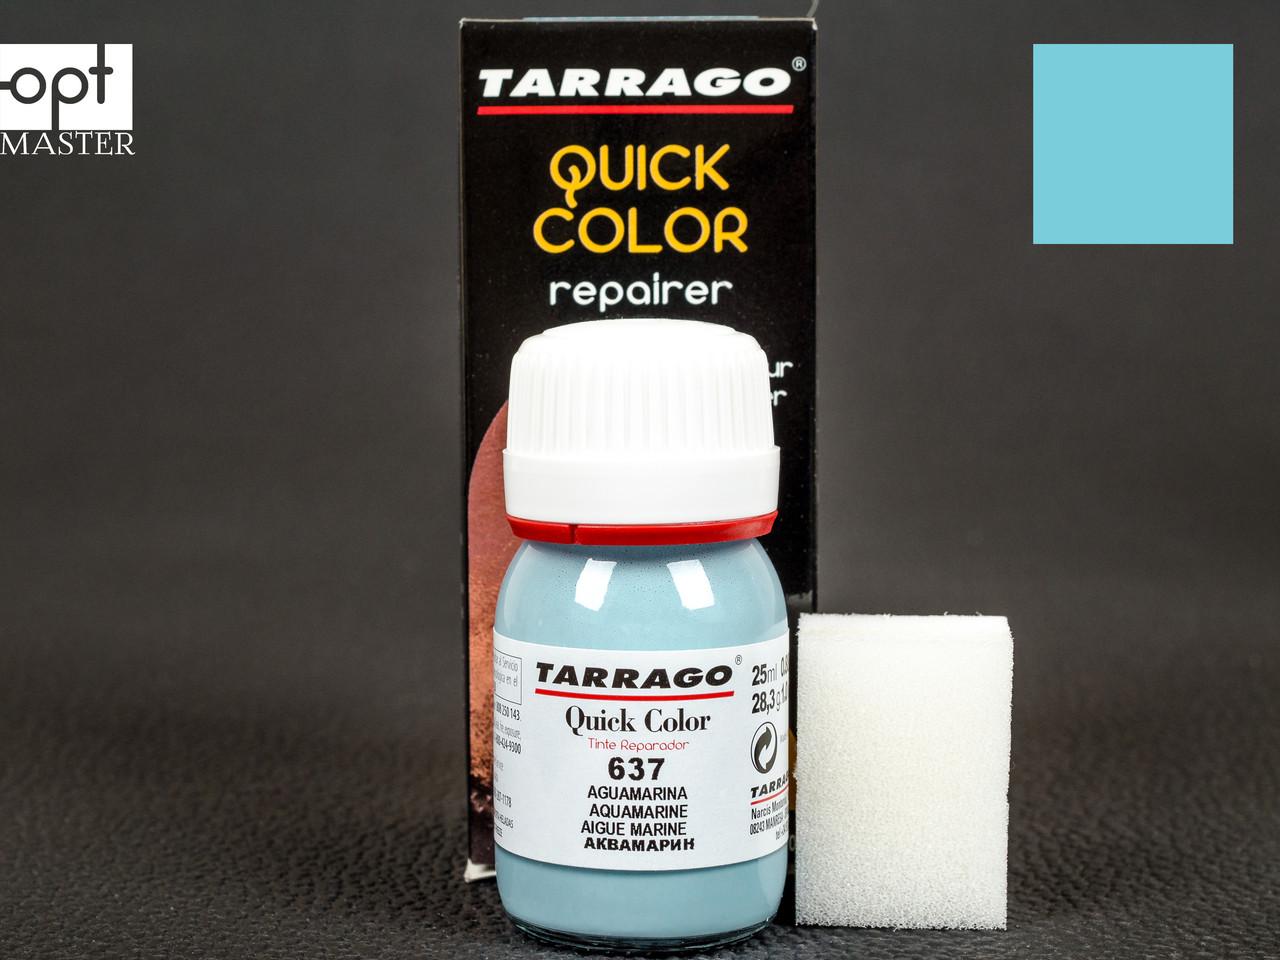 Краска для кожи цв.аквамарин Tarrago Quick Color, 25 мл, TDC83(637)